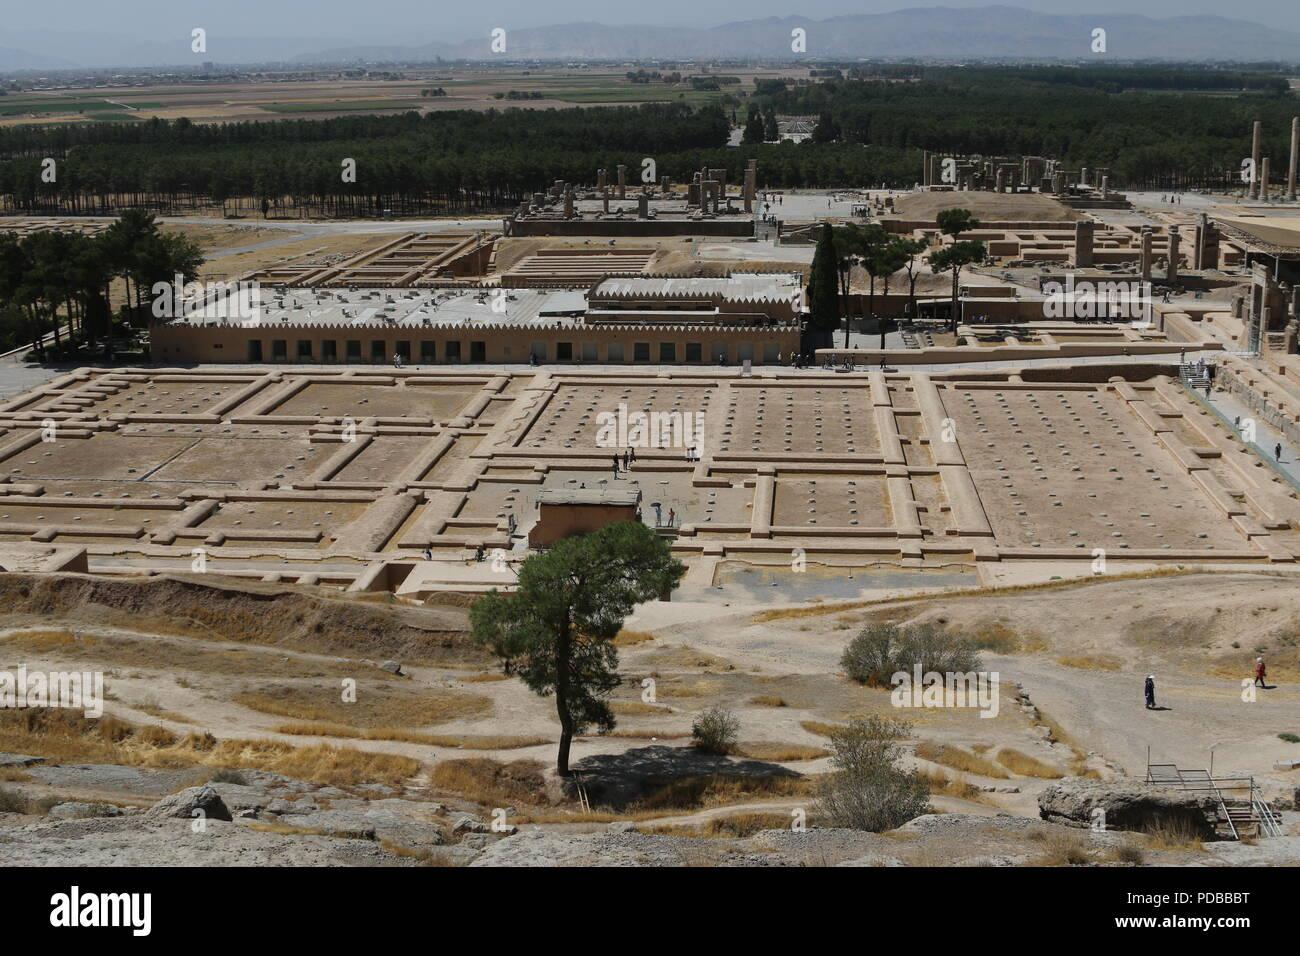 Blick auf die Ruinen von Persepolis in Iran - Stock Image